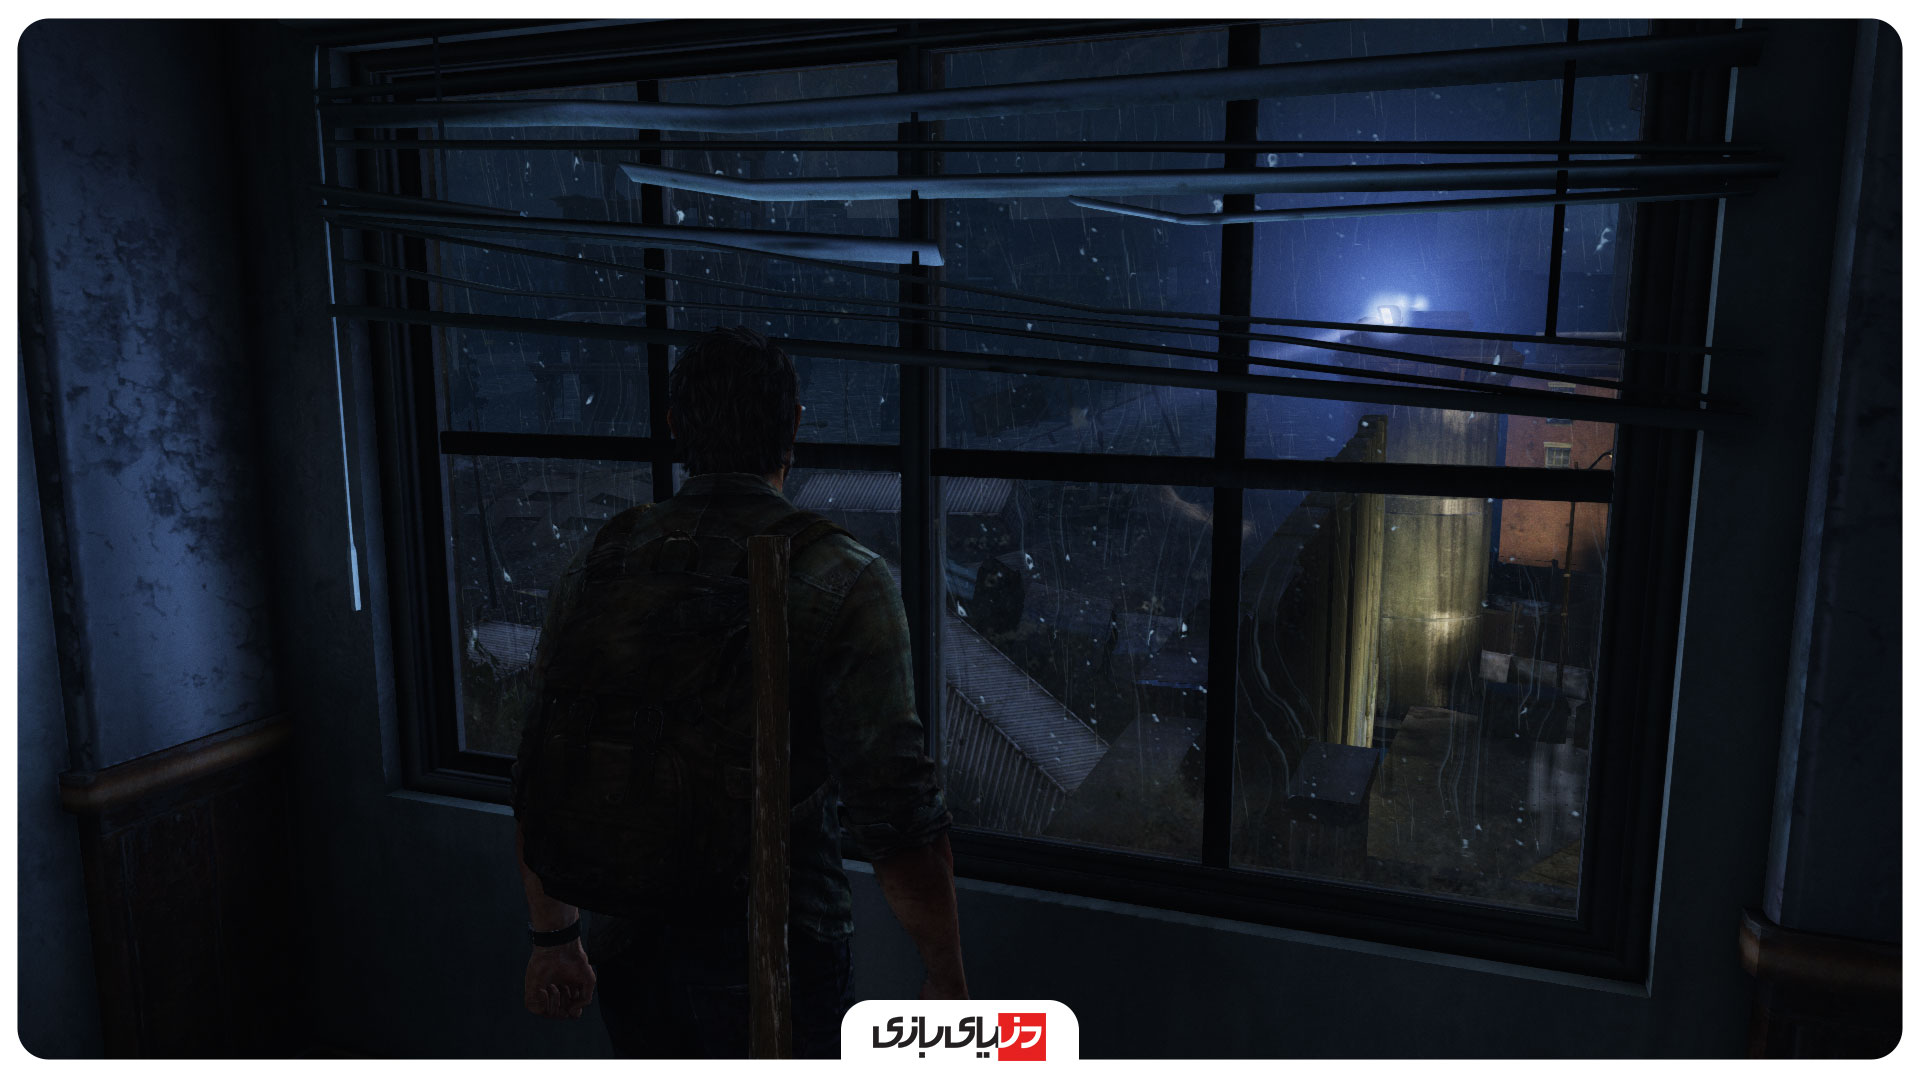 اسکرین شات بازی The Last of Us